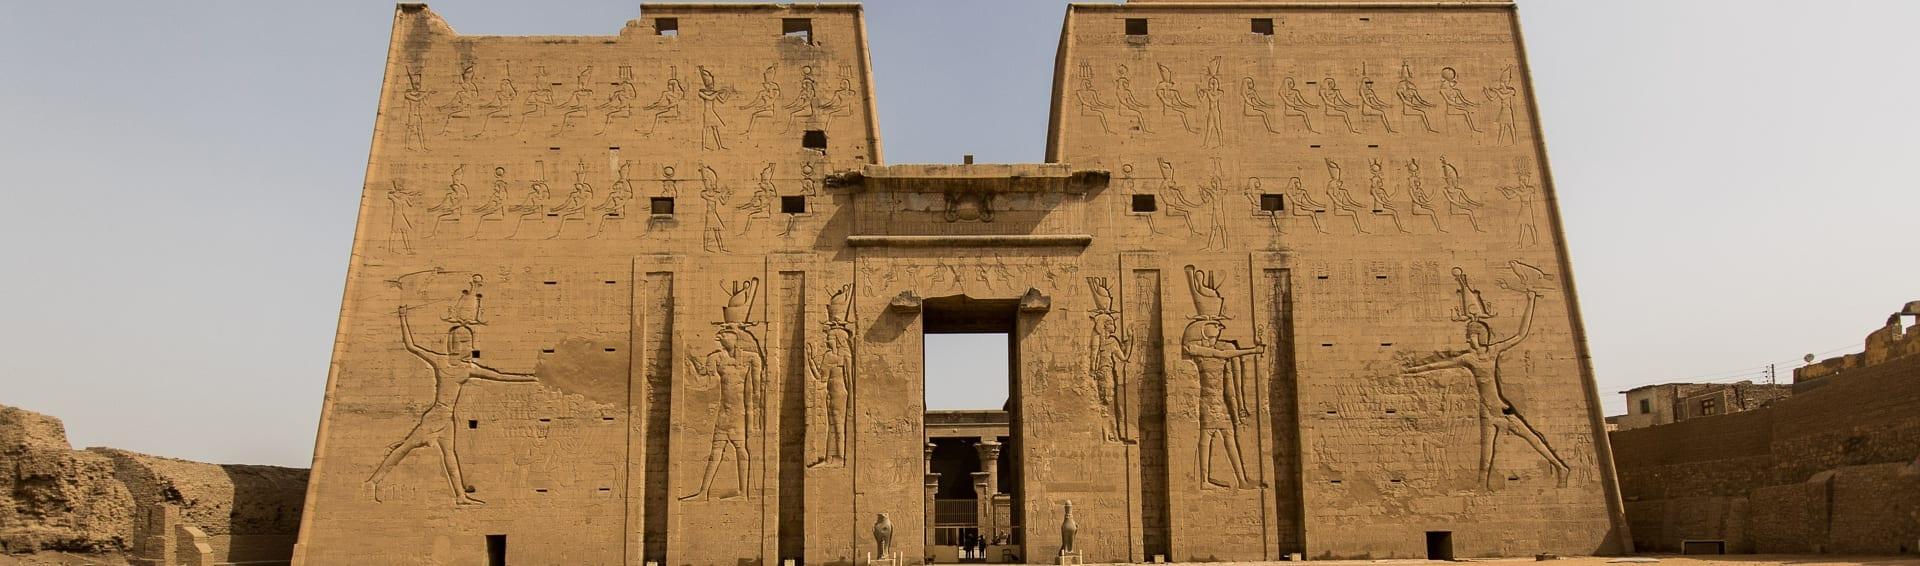 7aa0e3664329f Egypt & Jordan Tours Archives - Travel Talk Tours